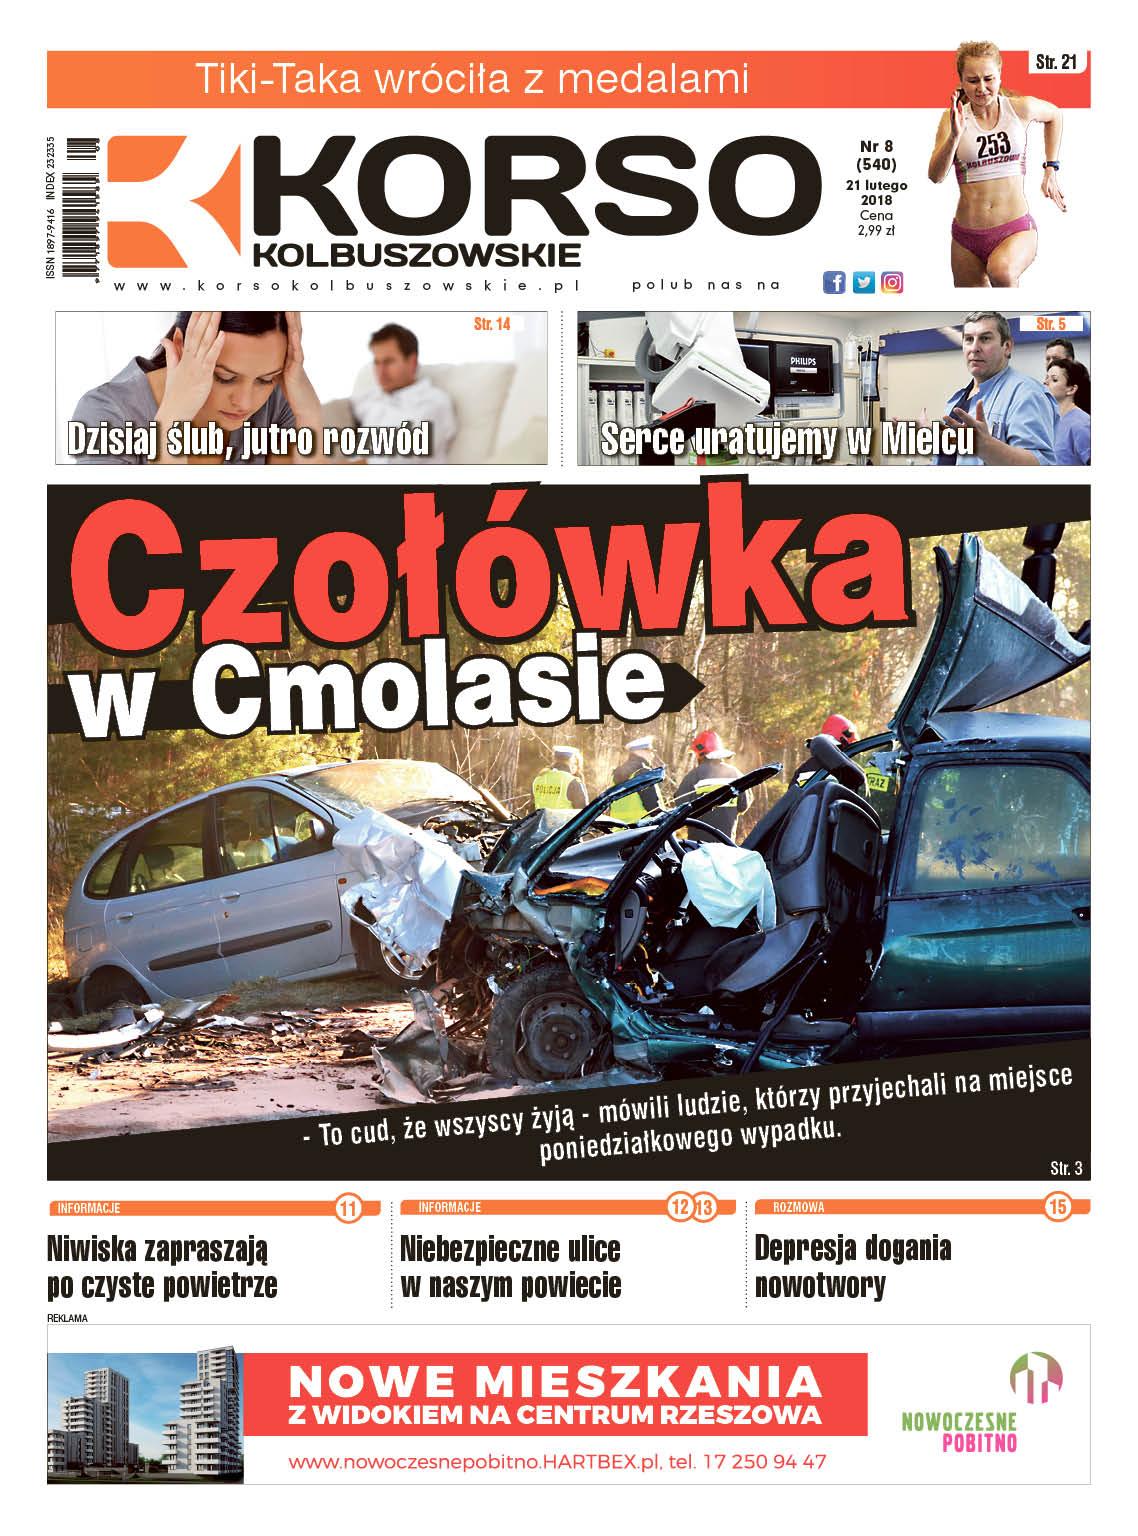 Nowy numer Korso Kolbuszowskie - nr 8/2018 - Zdjęcie główne